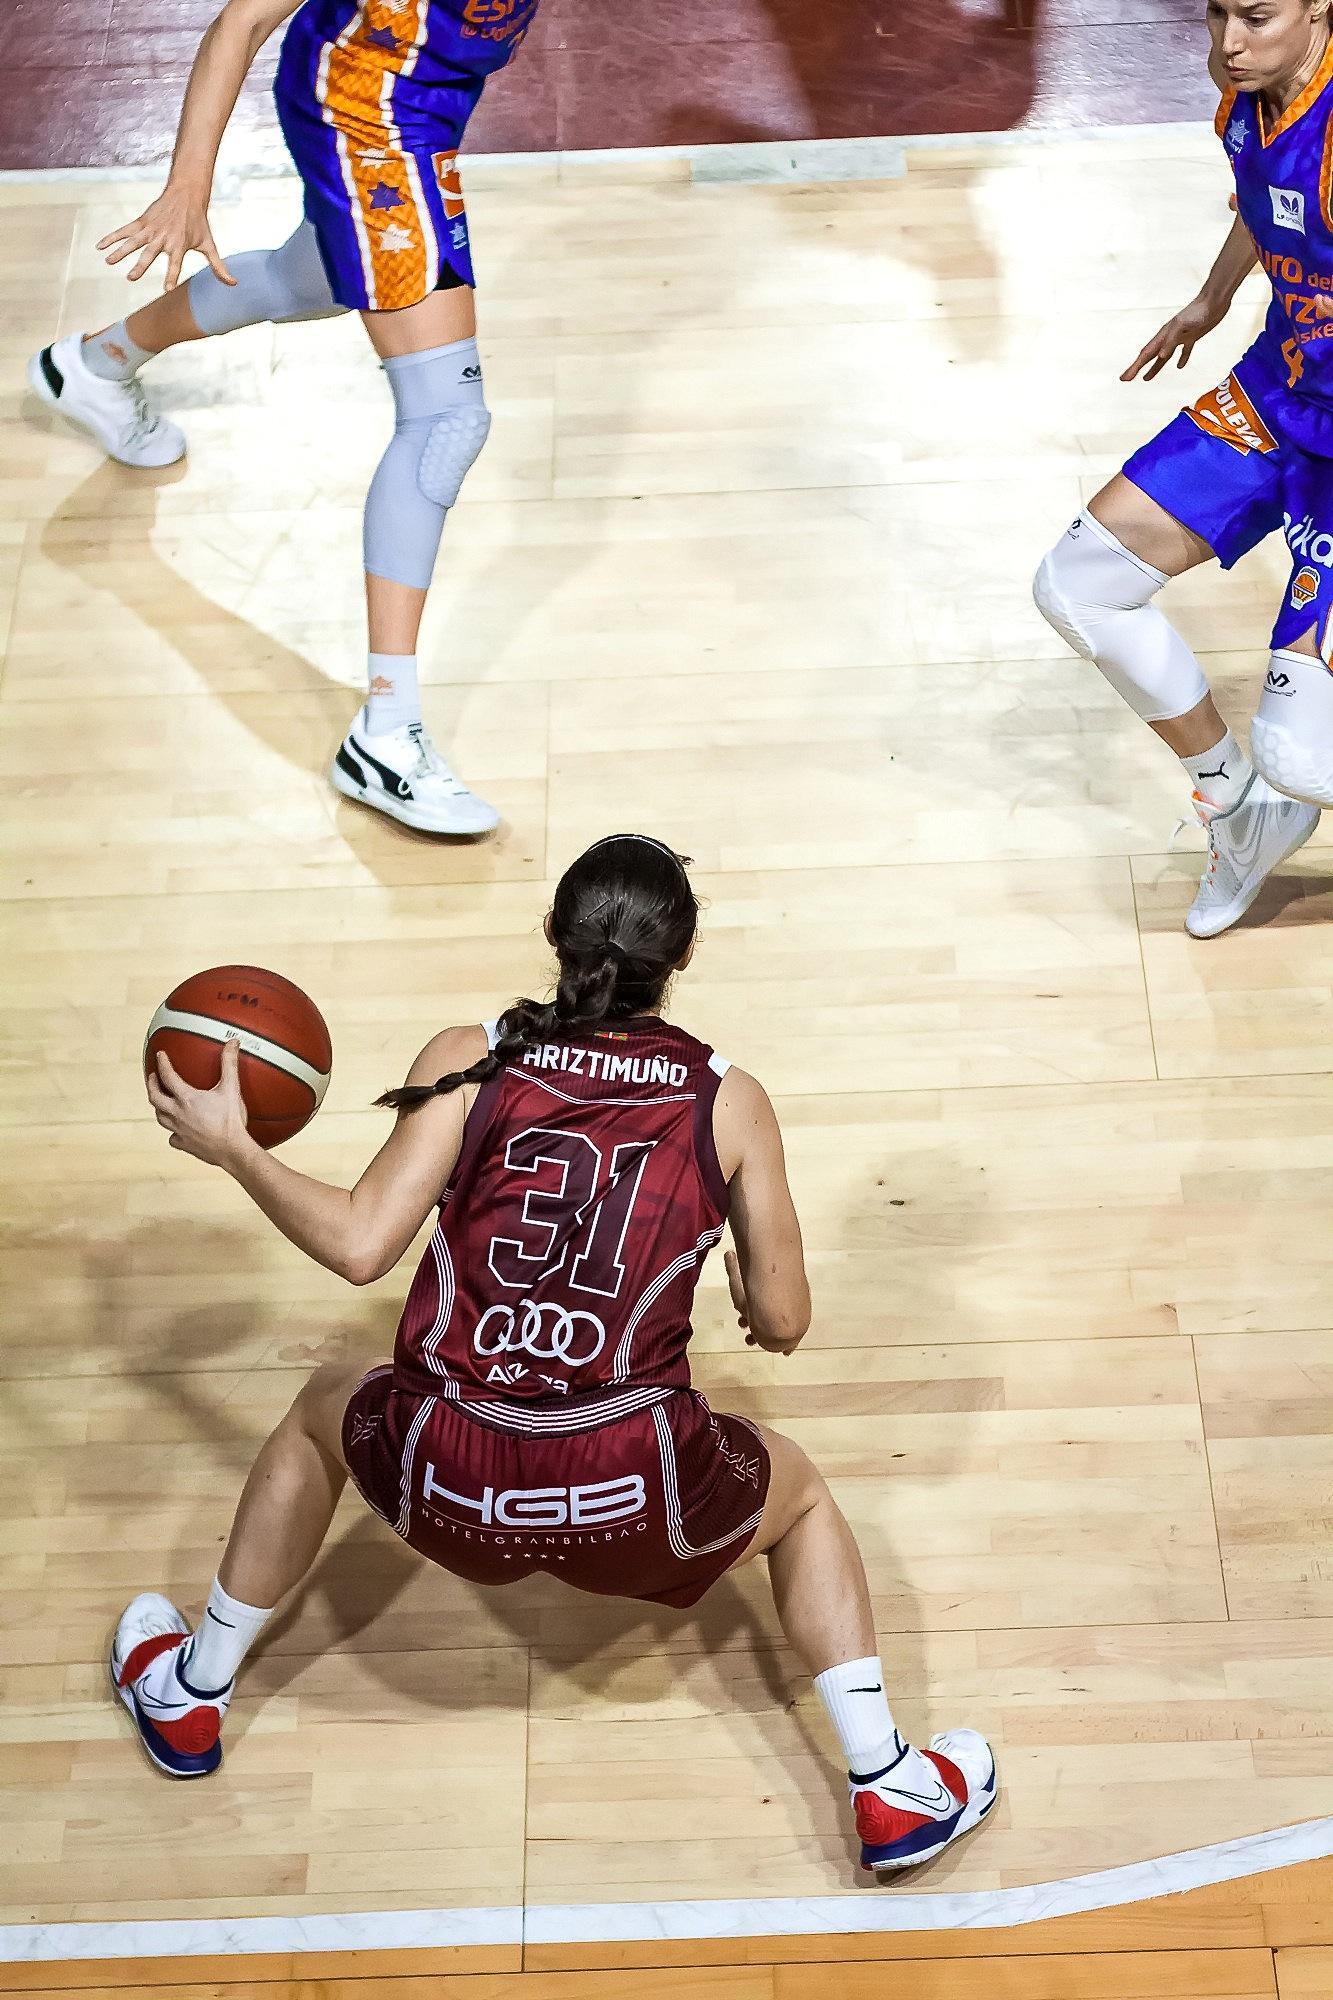 Ariztimuño busca opciones de juego desde el lateral de la cancha (Foto: Luis Fernando Boo).